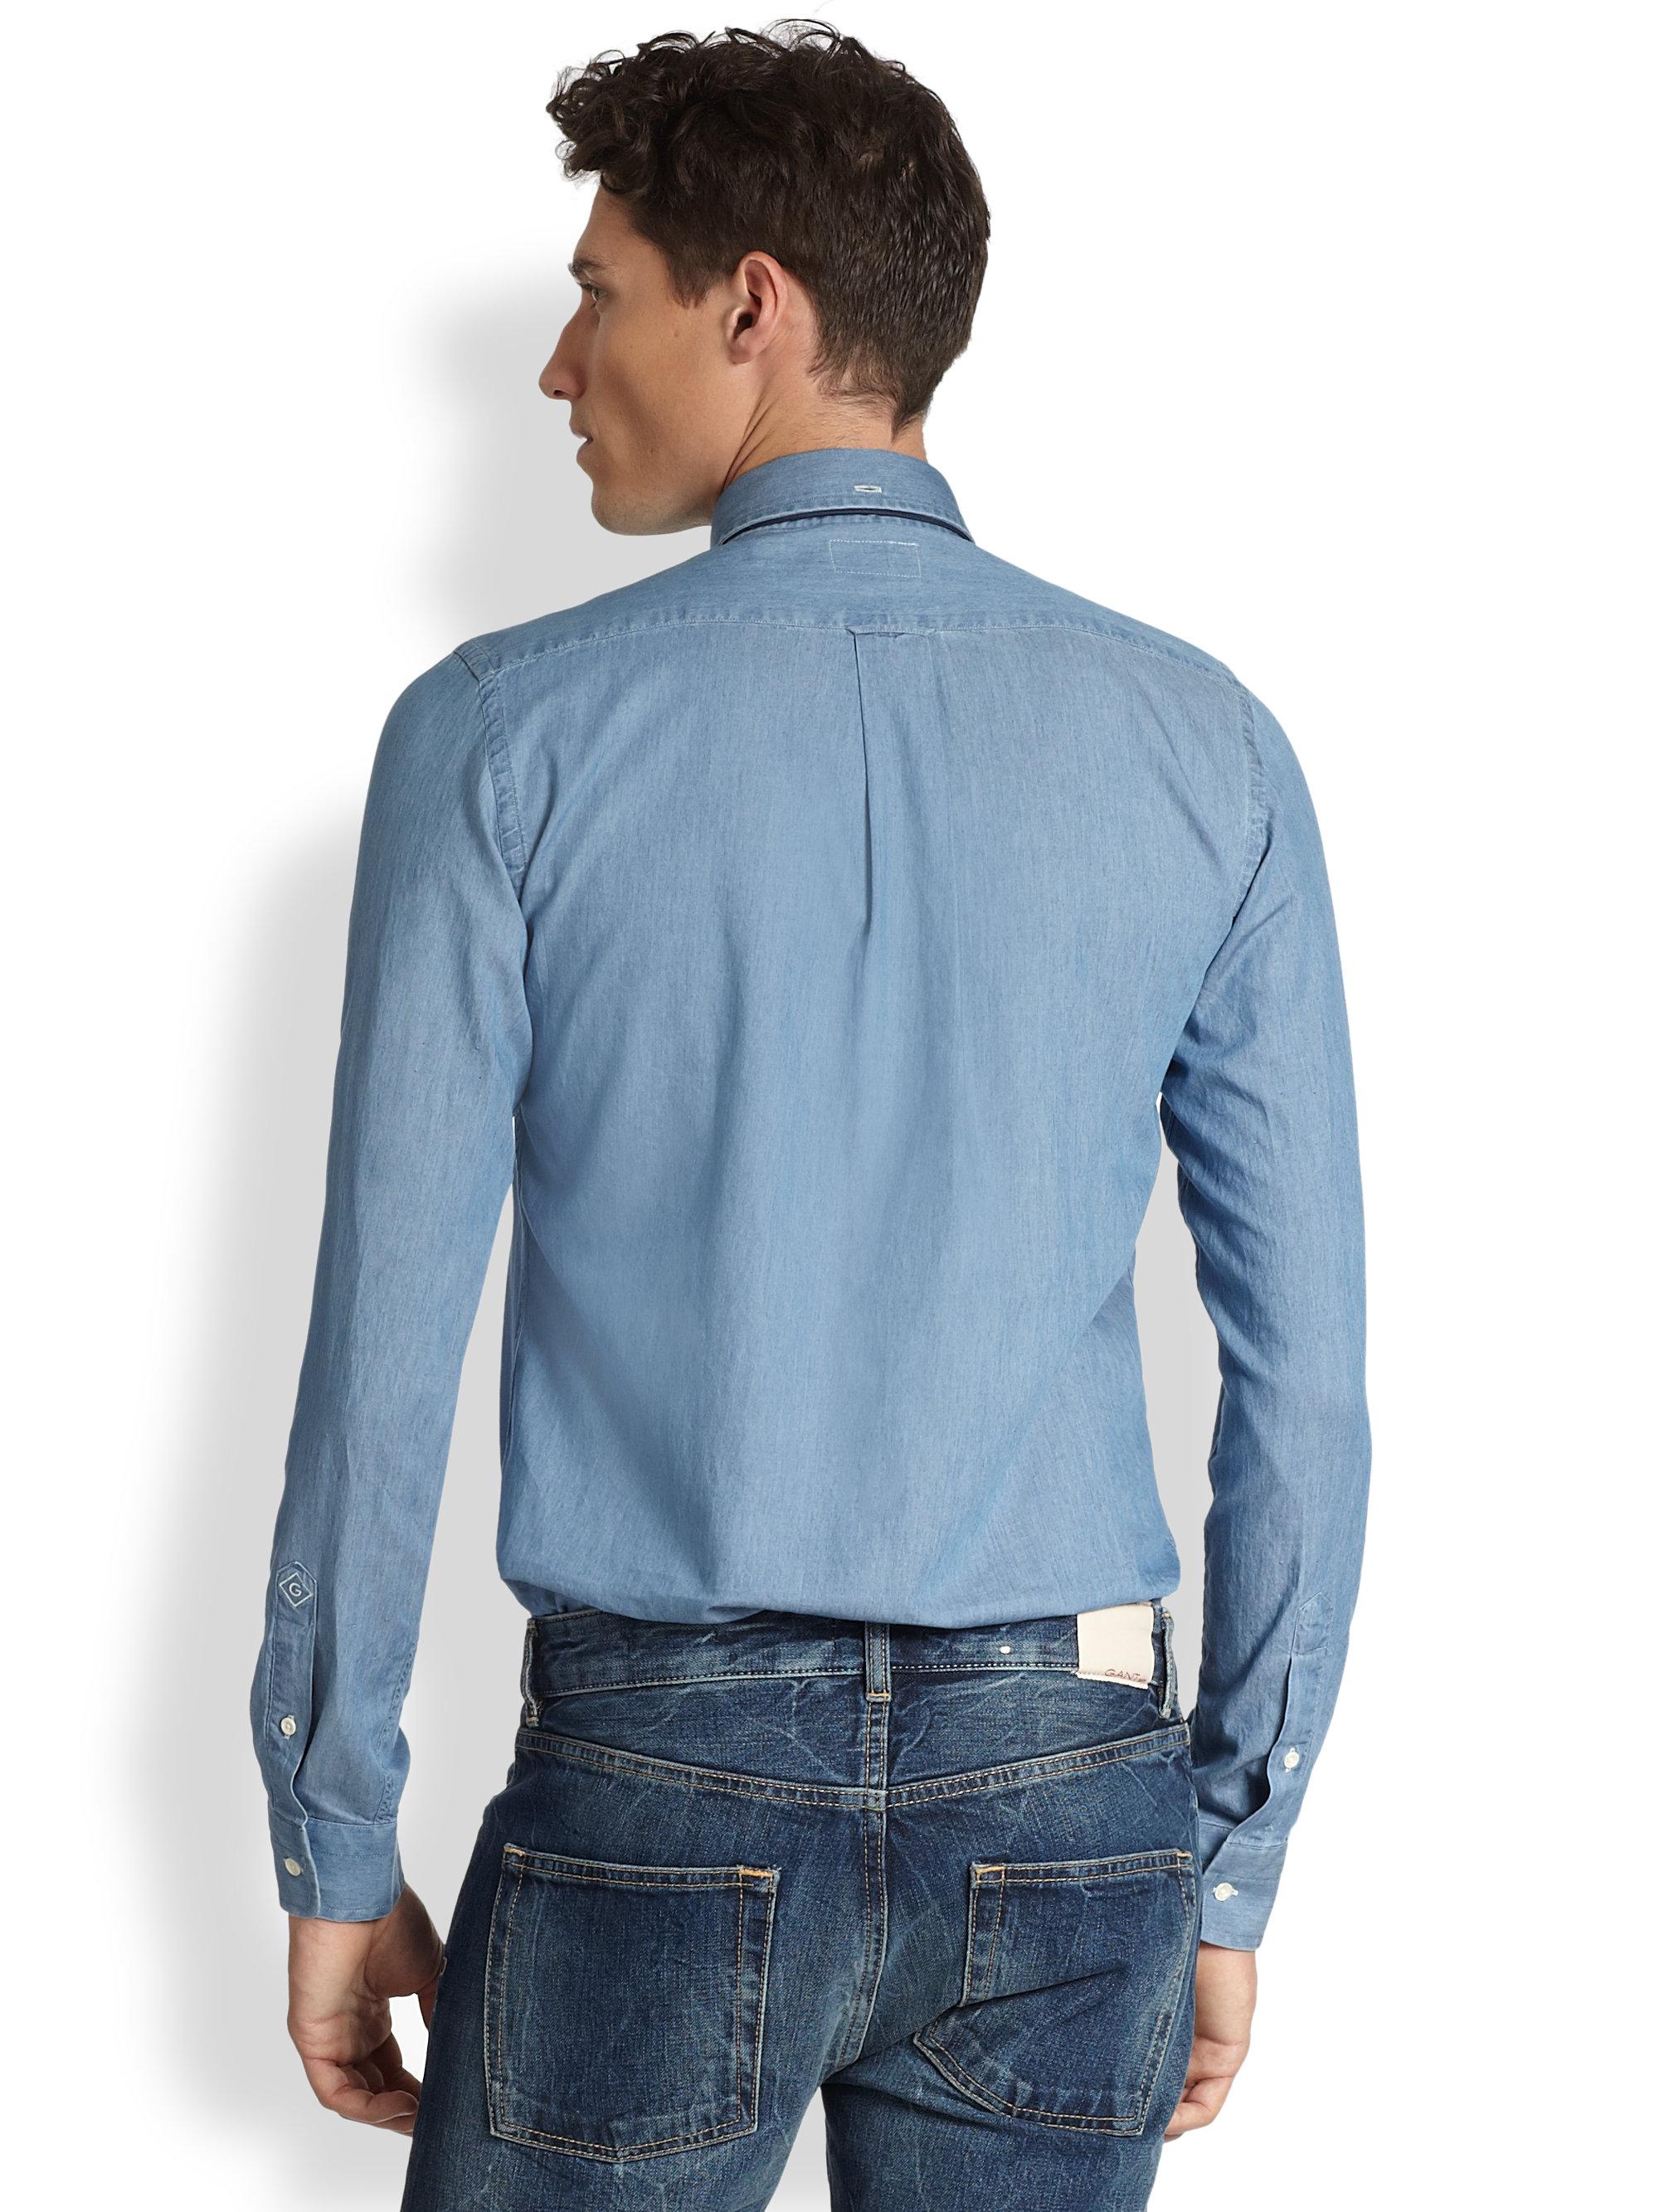 e32e62c6df4 Gant Rugger Luxury Indigo Shirt in Blue for Men - Lyst